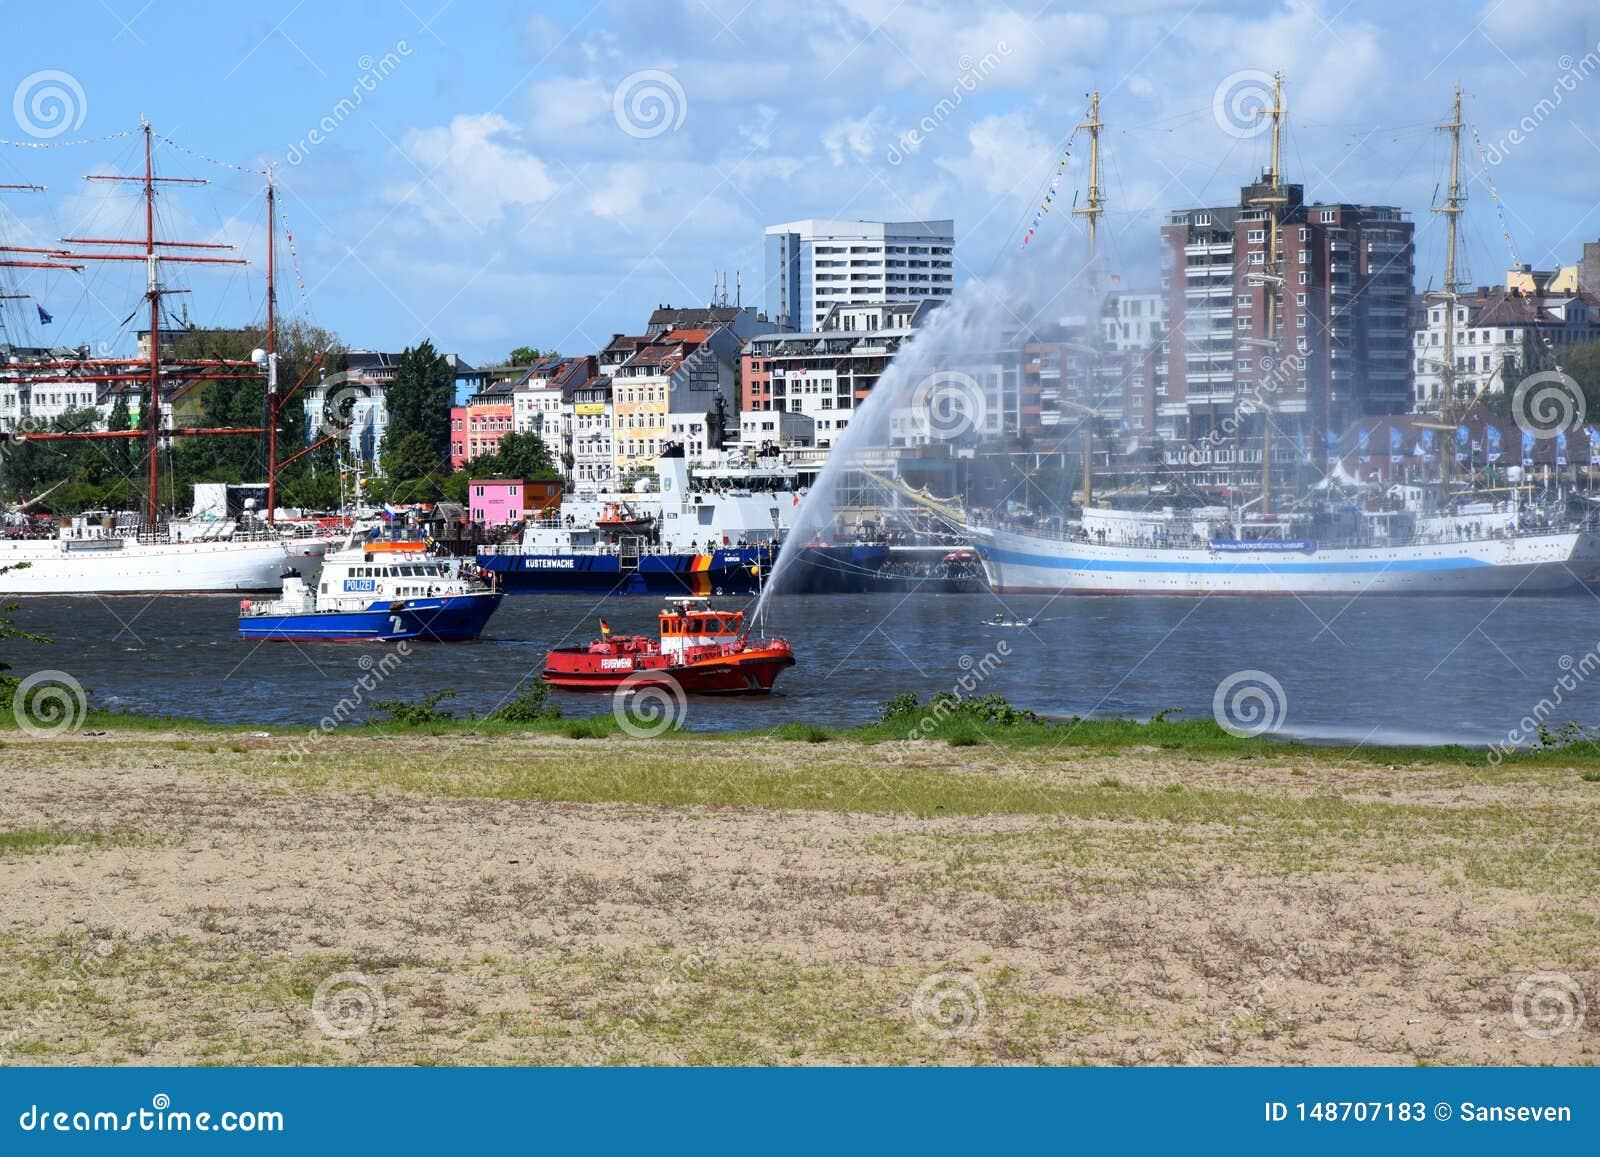 Hamburgo, Alemania: Barco de la bomba del cuerpo de bomberos en la acción en el St Pauli-Landungsbrucken, Hafengeburtstag - acont